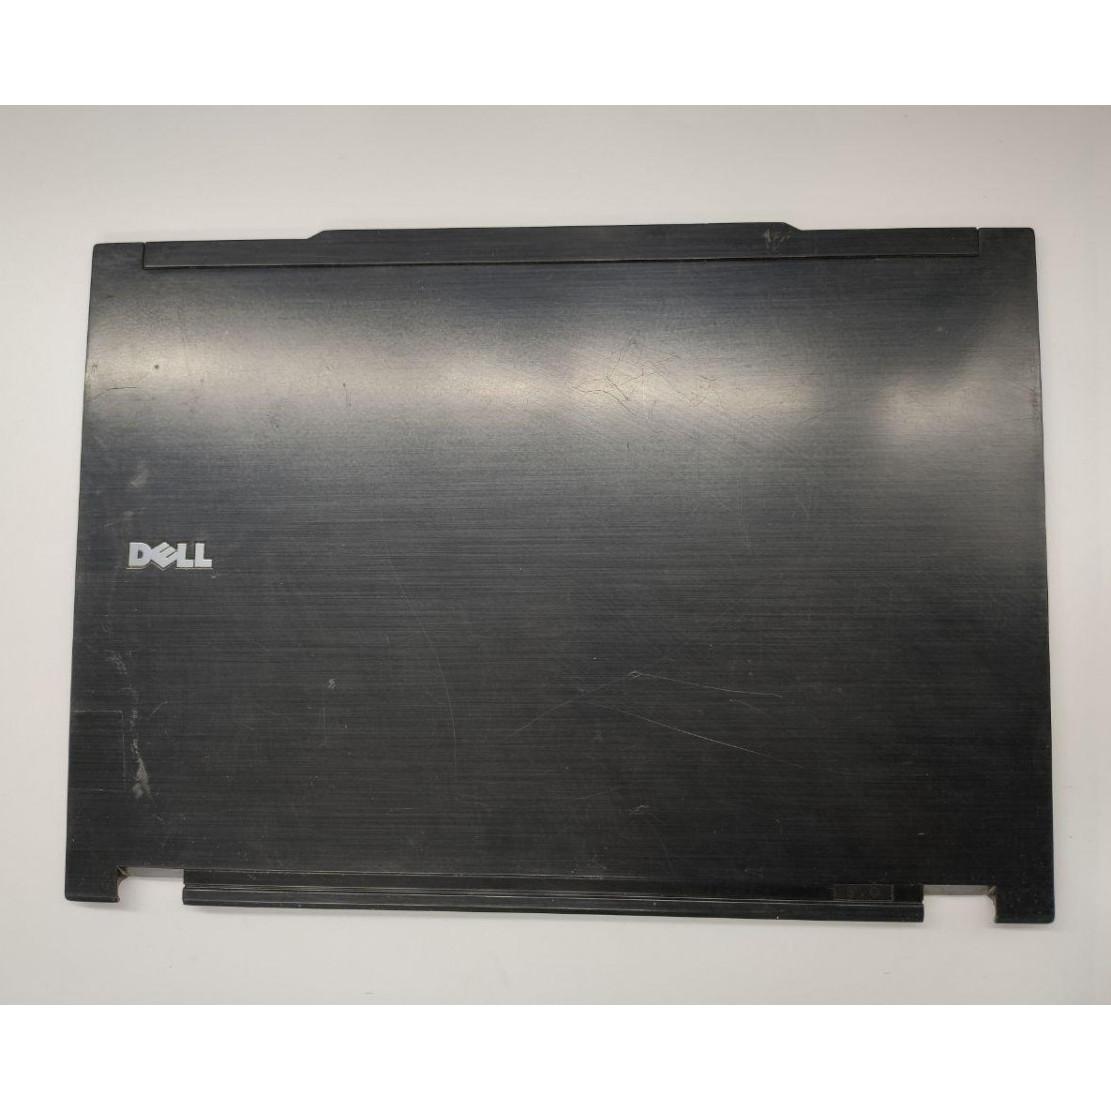 """Кришка матриці для ноутбука Dell Latitude E4300, 13.3"""", cn-0w301d, am03s000800, б/в. Має подряпини, без"""